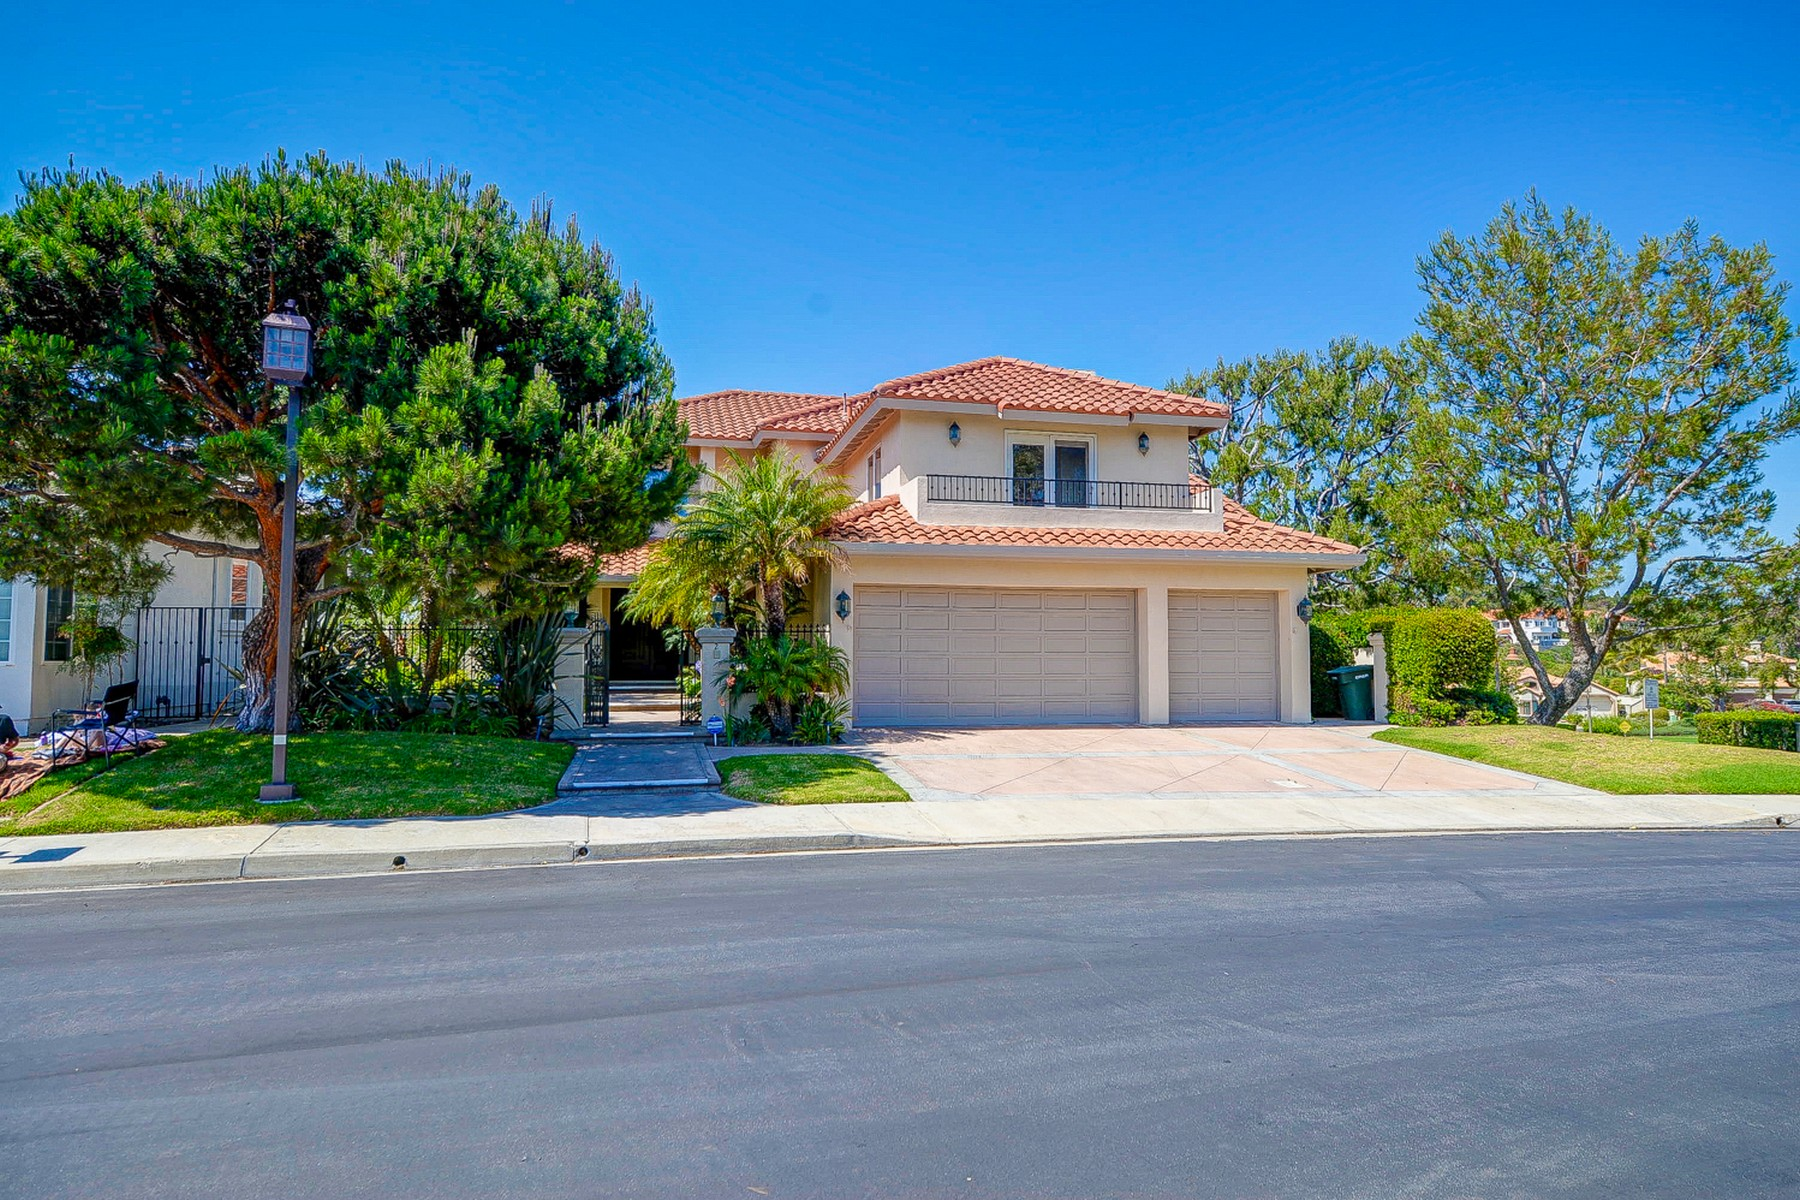 Частный односемейный дом для того Продажа на 2 Soto Grande Dr. Dana Point, Калифорния, 92629 Соединенные Штаты